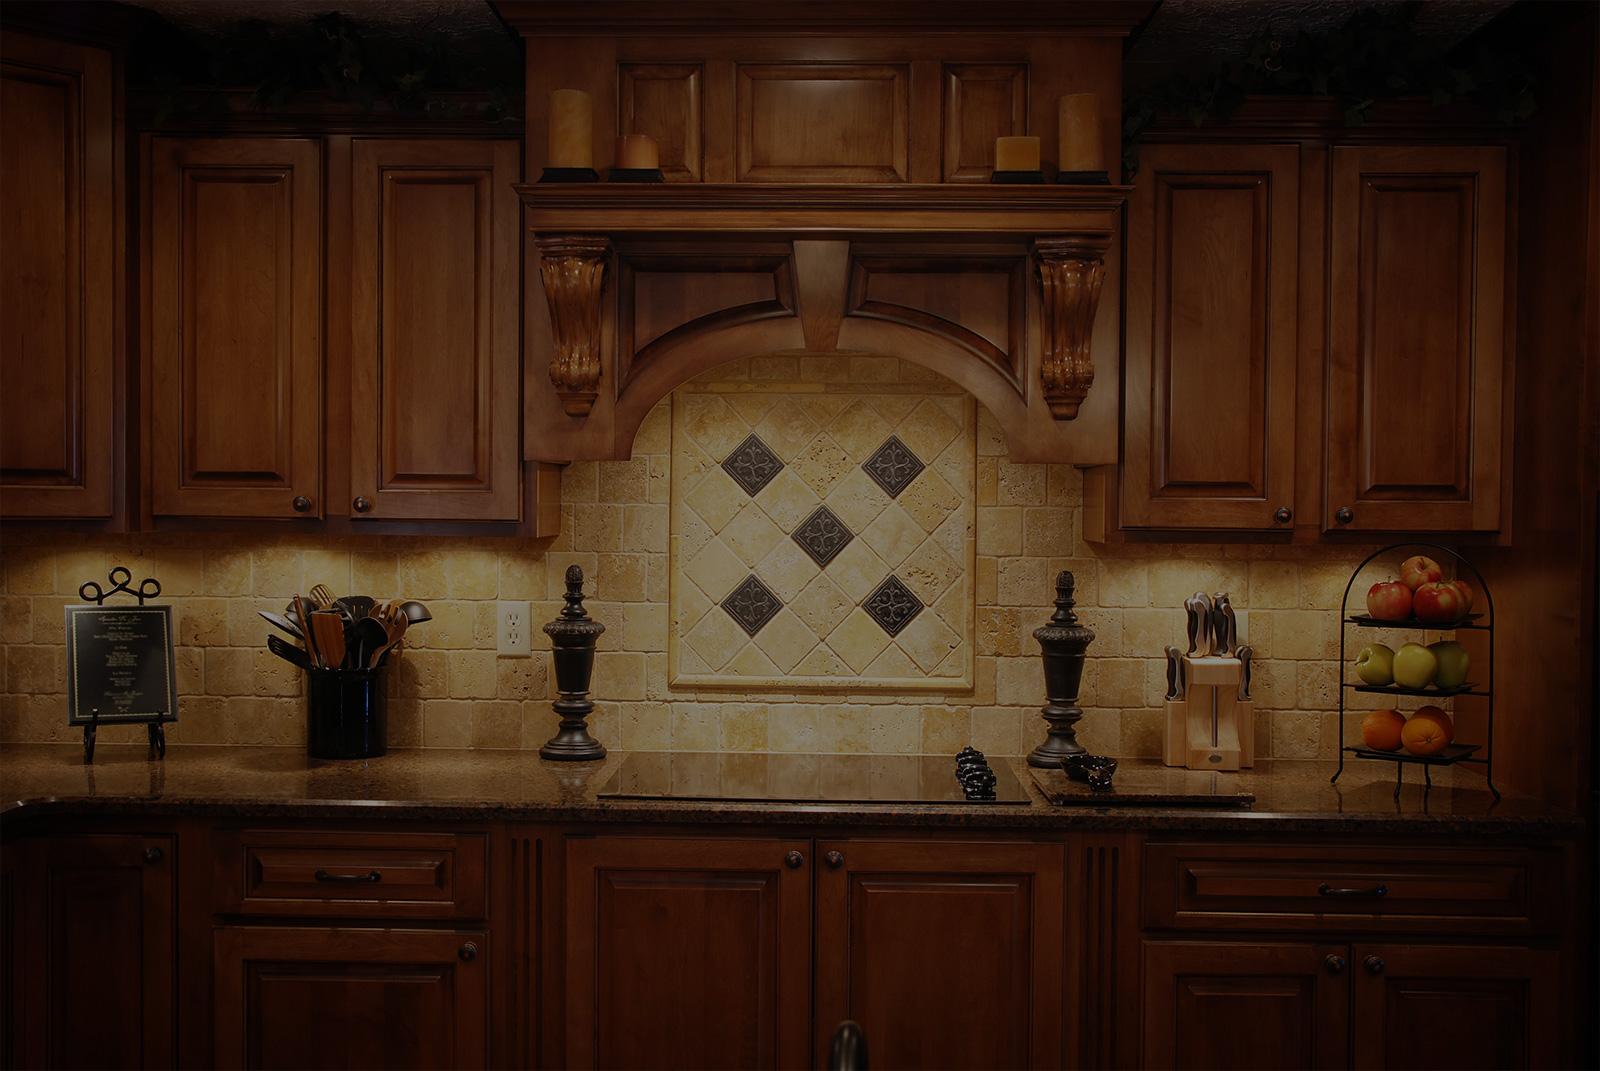 Westside Cabinets